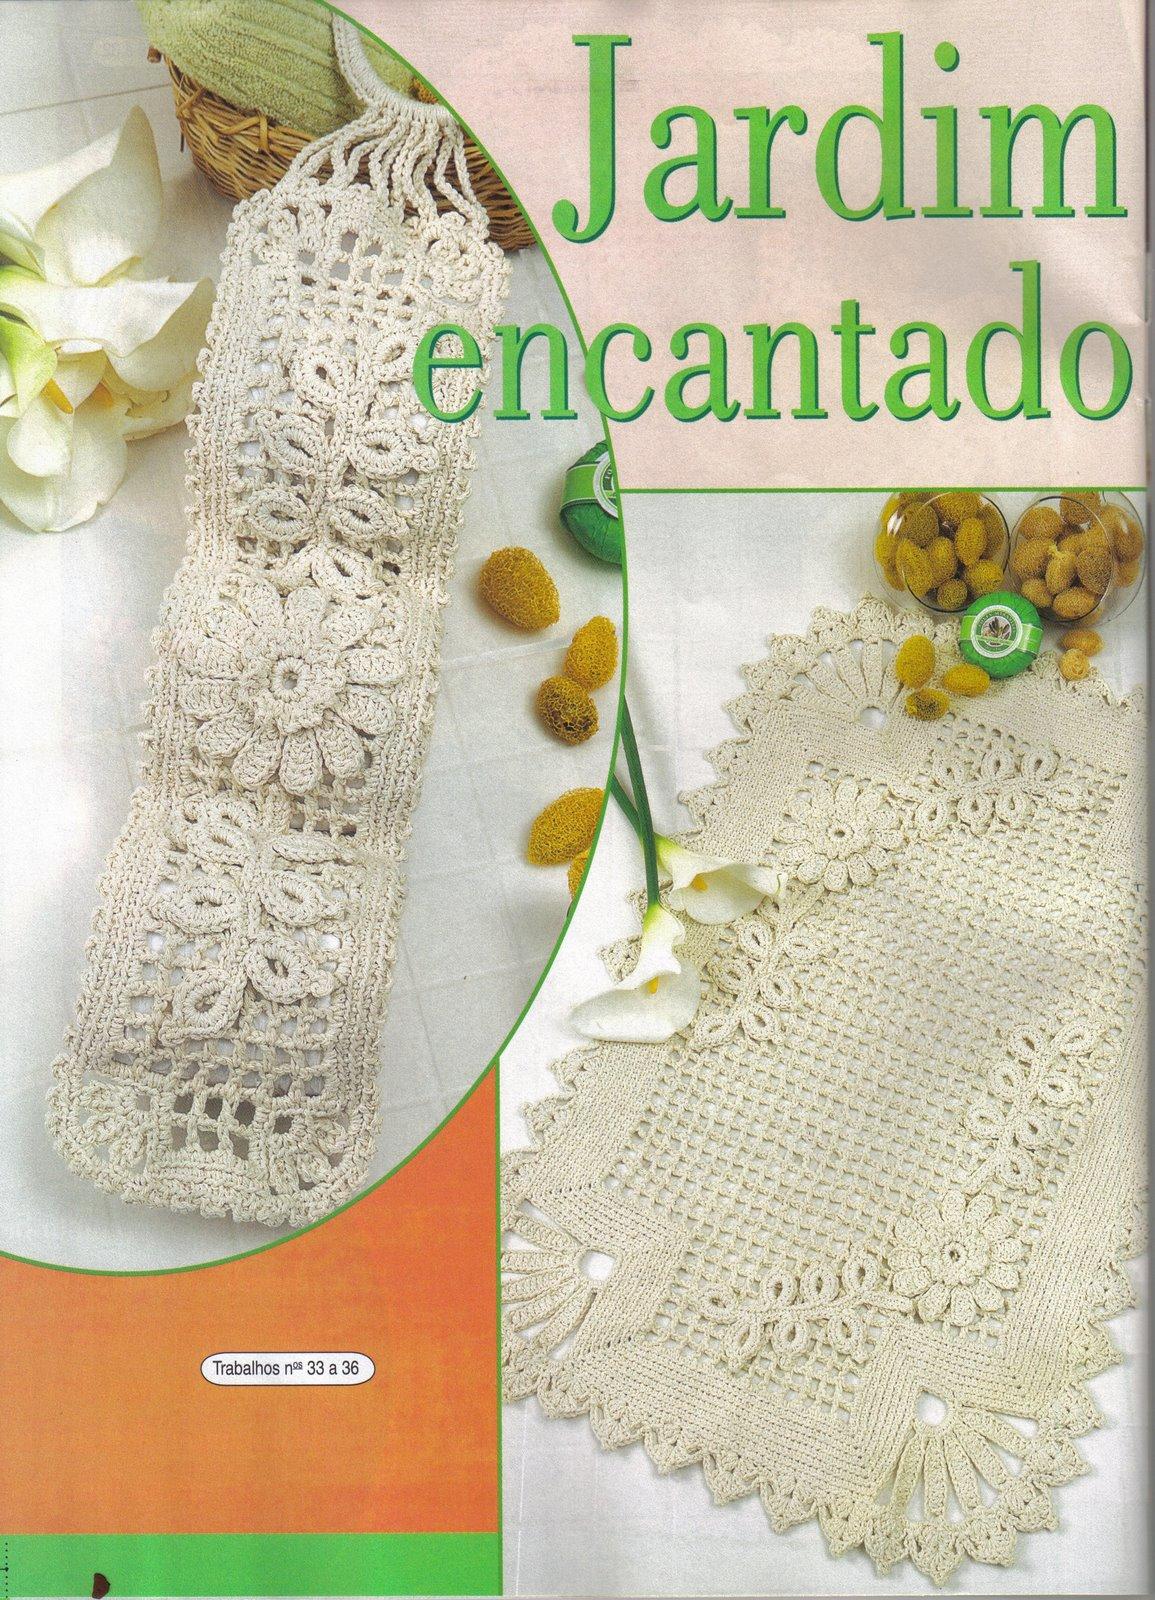 Wanda Arte em Crochê: Jogos de Banheiro #A75D24 1155 1600